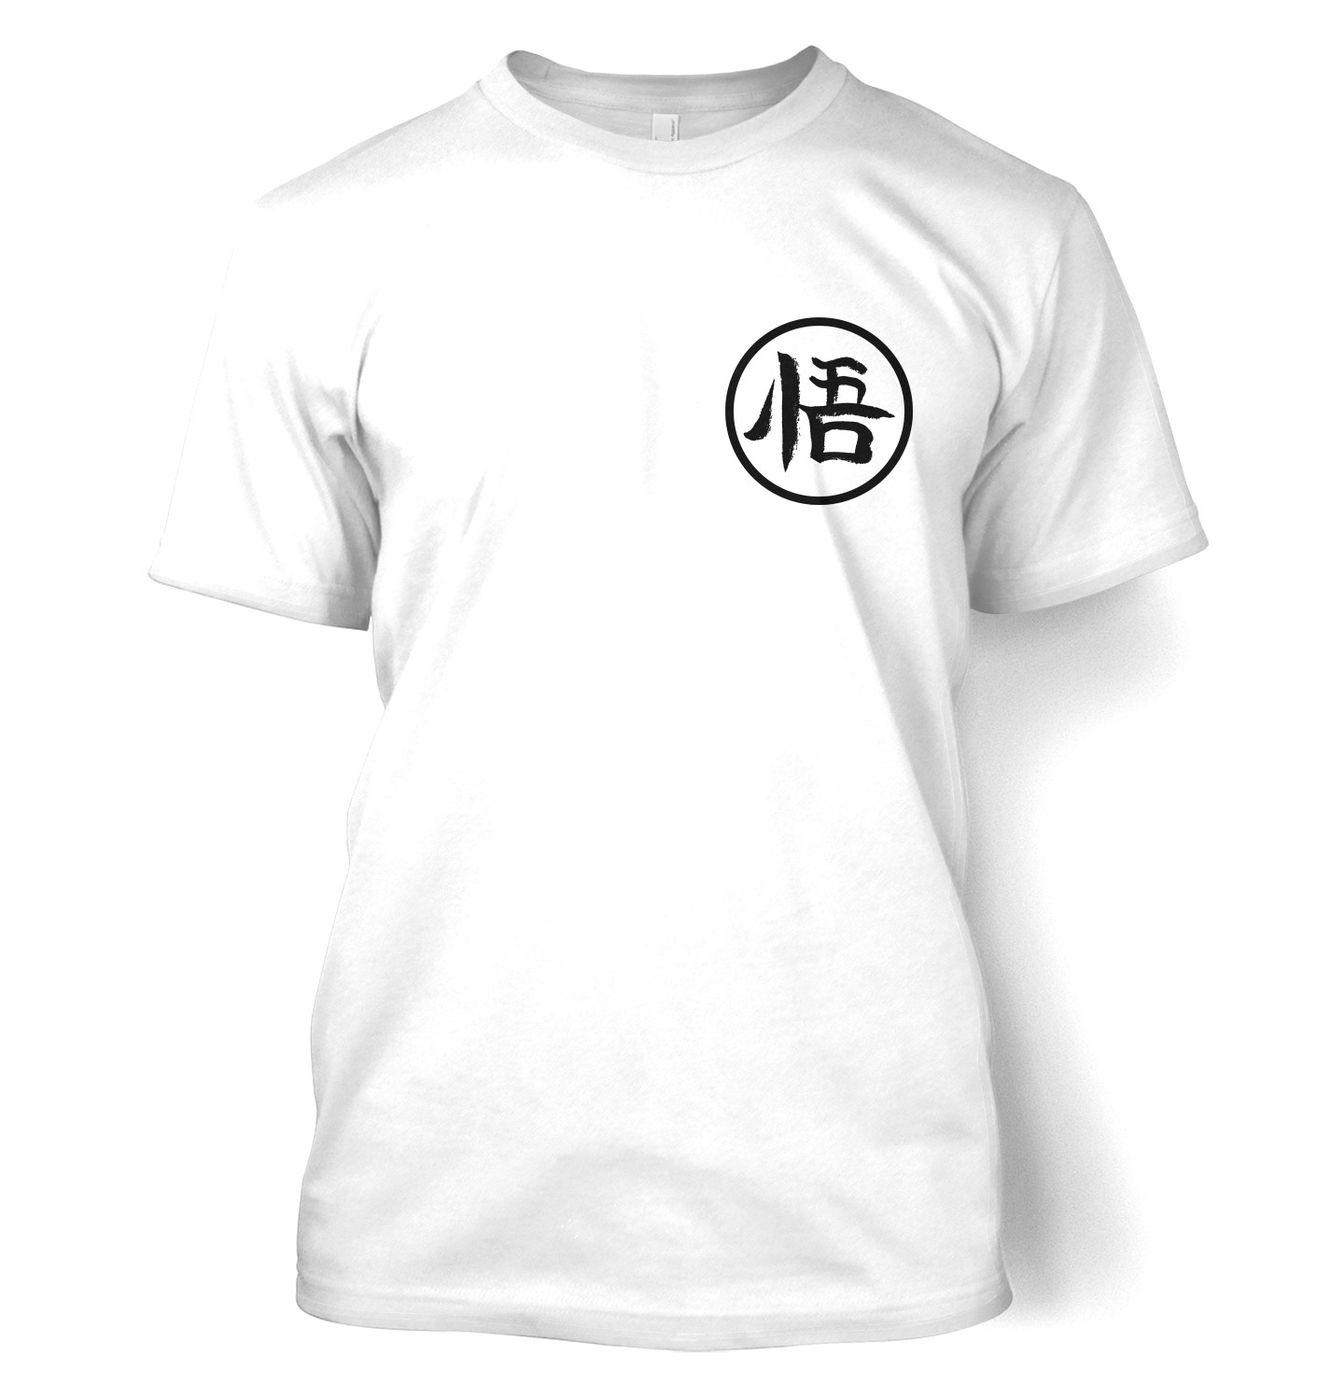 Saiyan Hero t-shirt by Something Geeky